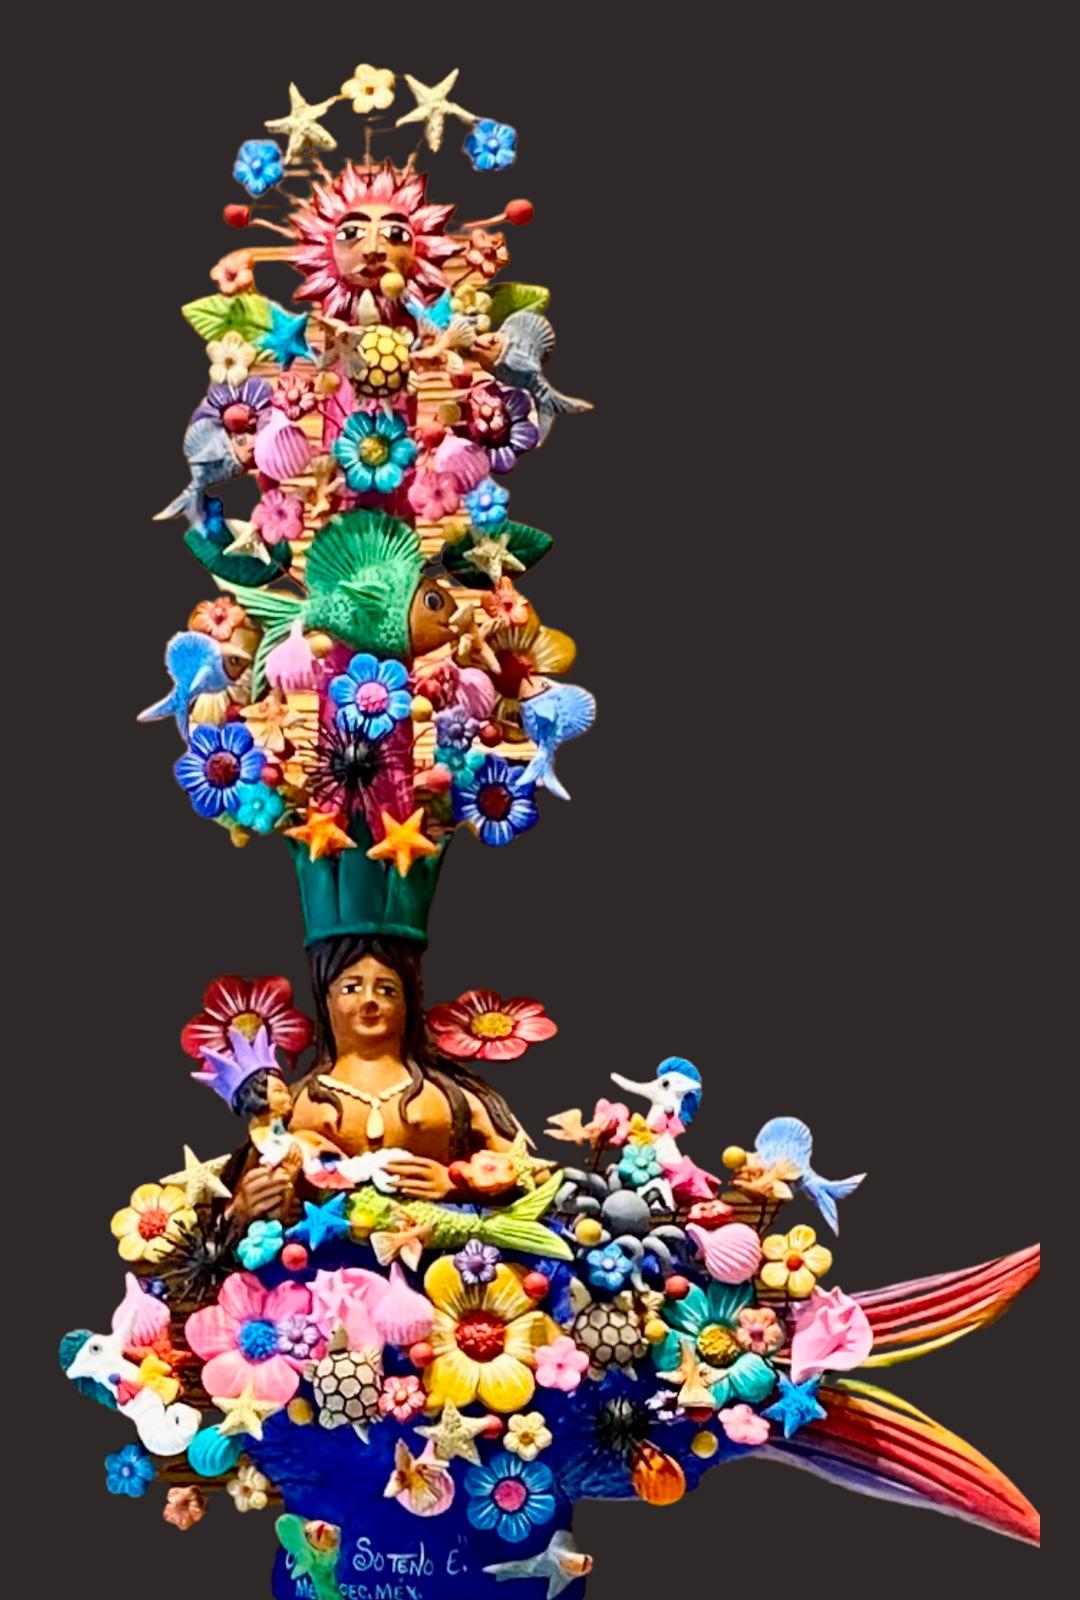 Дерево жизни: Русалка (мифологический персонаж индейцев)